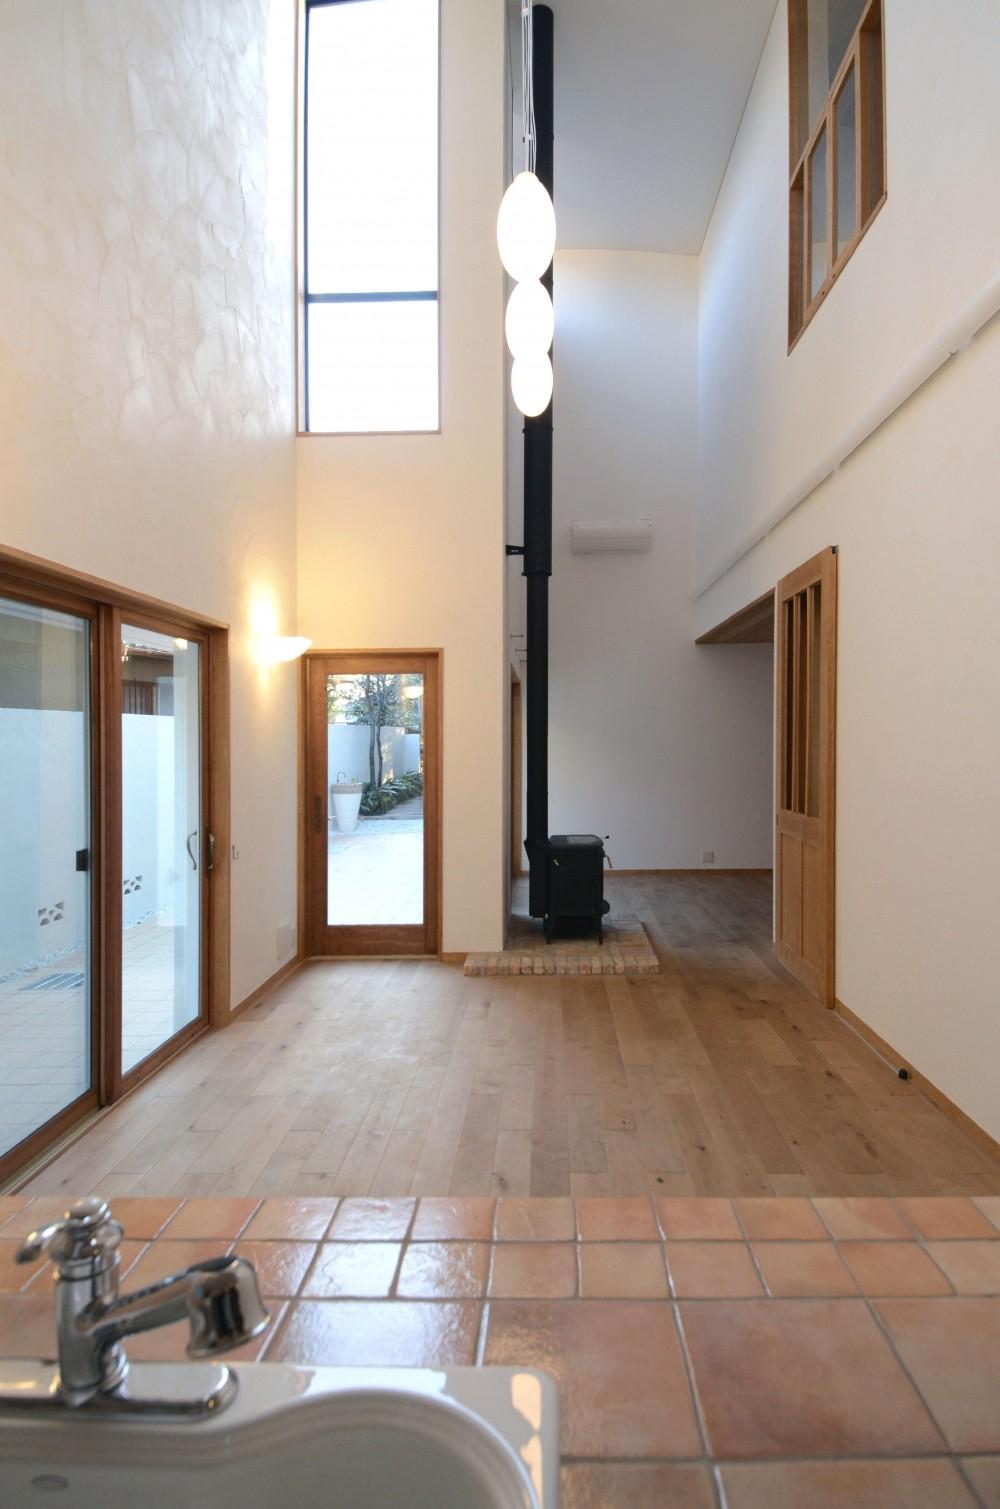 北烏山の家(庫裏、外断熱の2世帯住宅) (キッチンよりダイニング、リビングを望む)